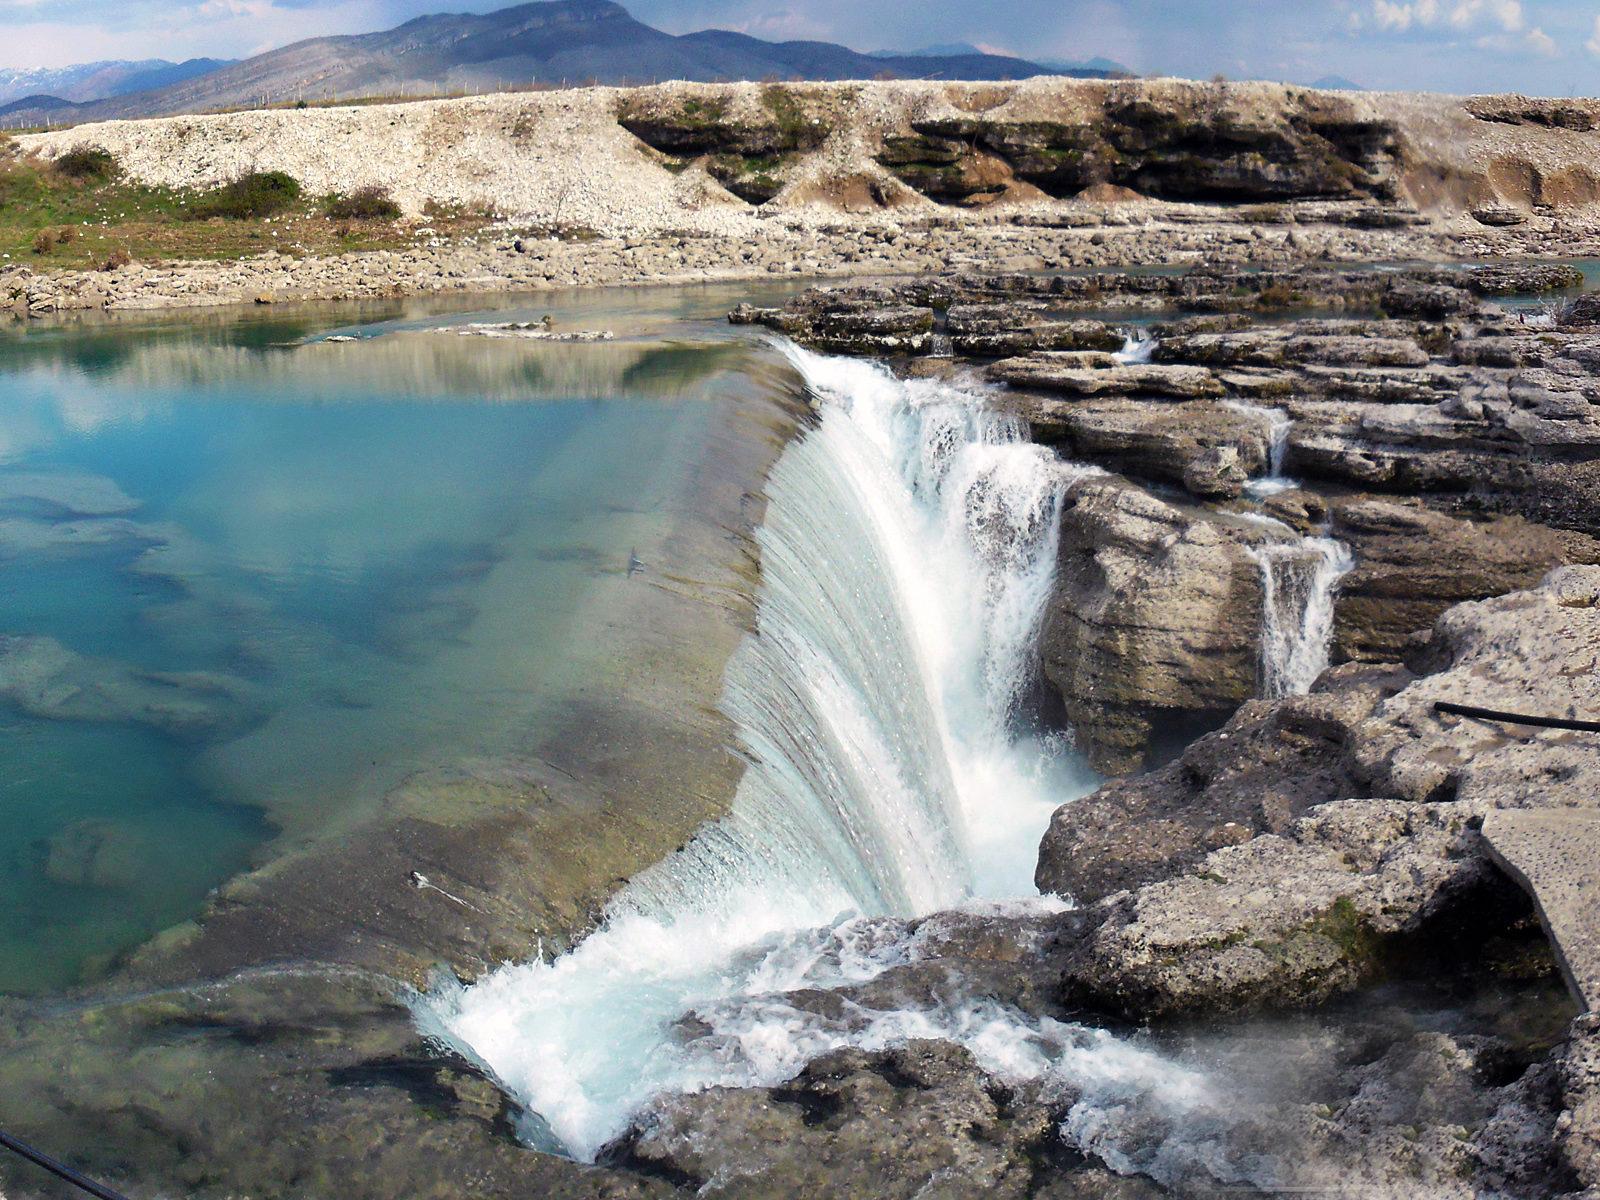 Водопад Ниагара на реке Циевна